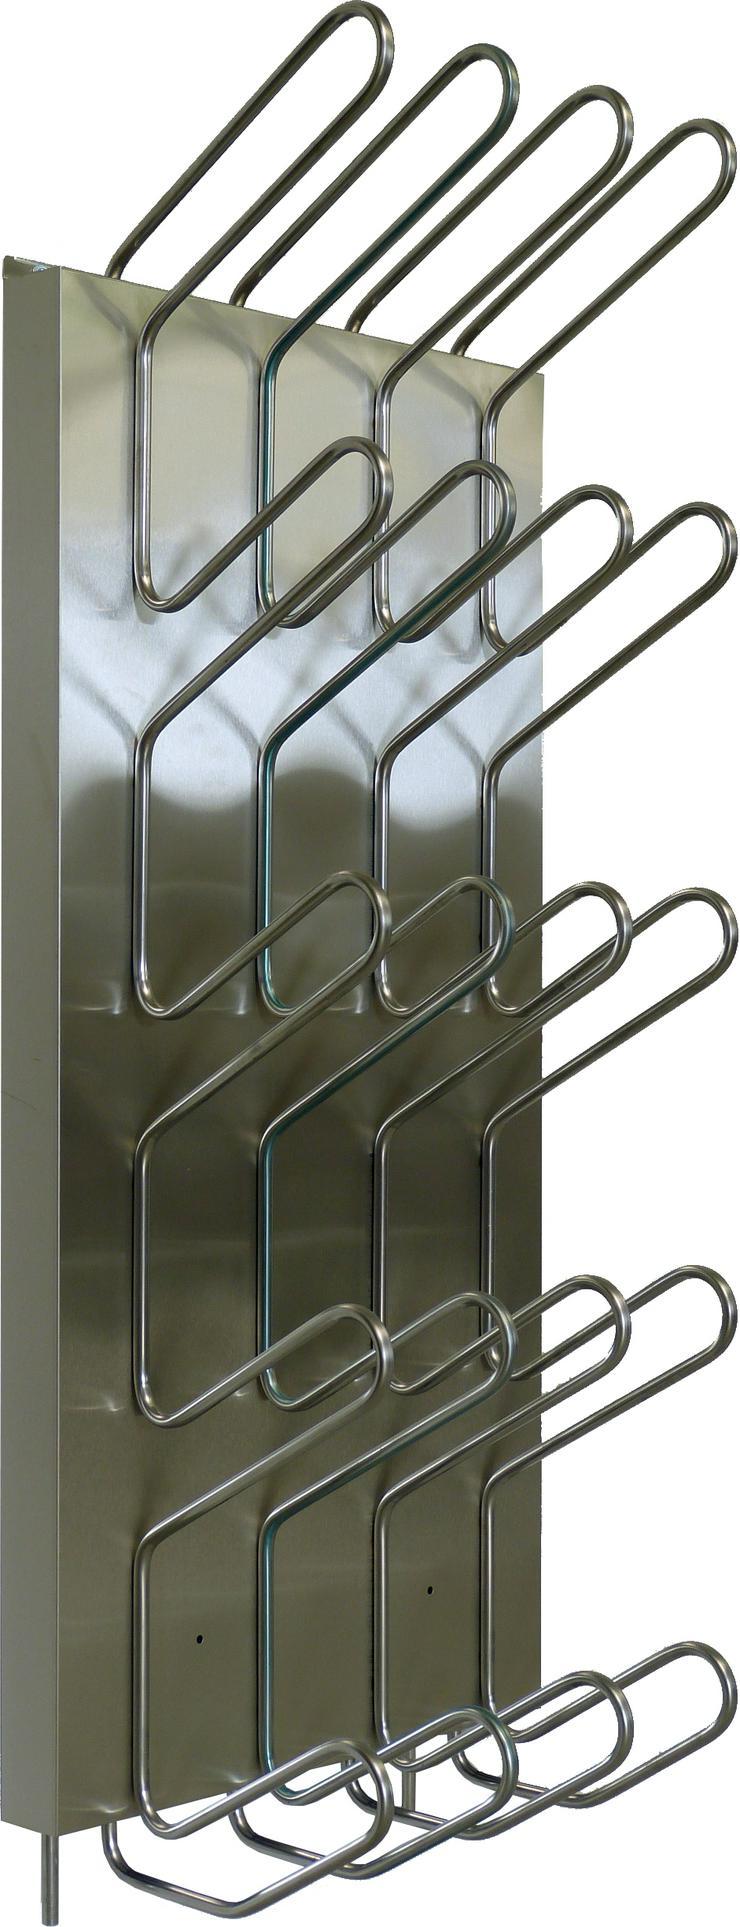 Bild 3: Schuhtrockner Warmwasser für 15 Paar